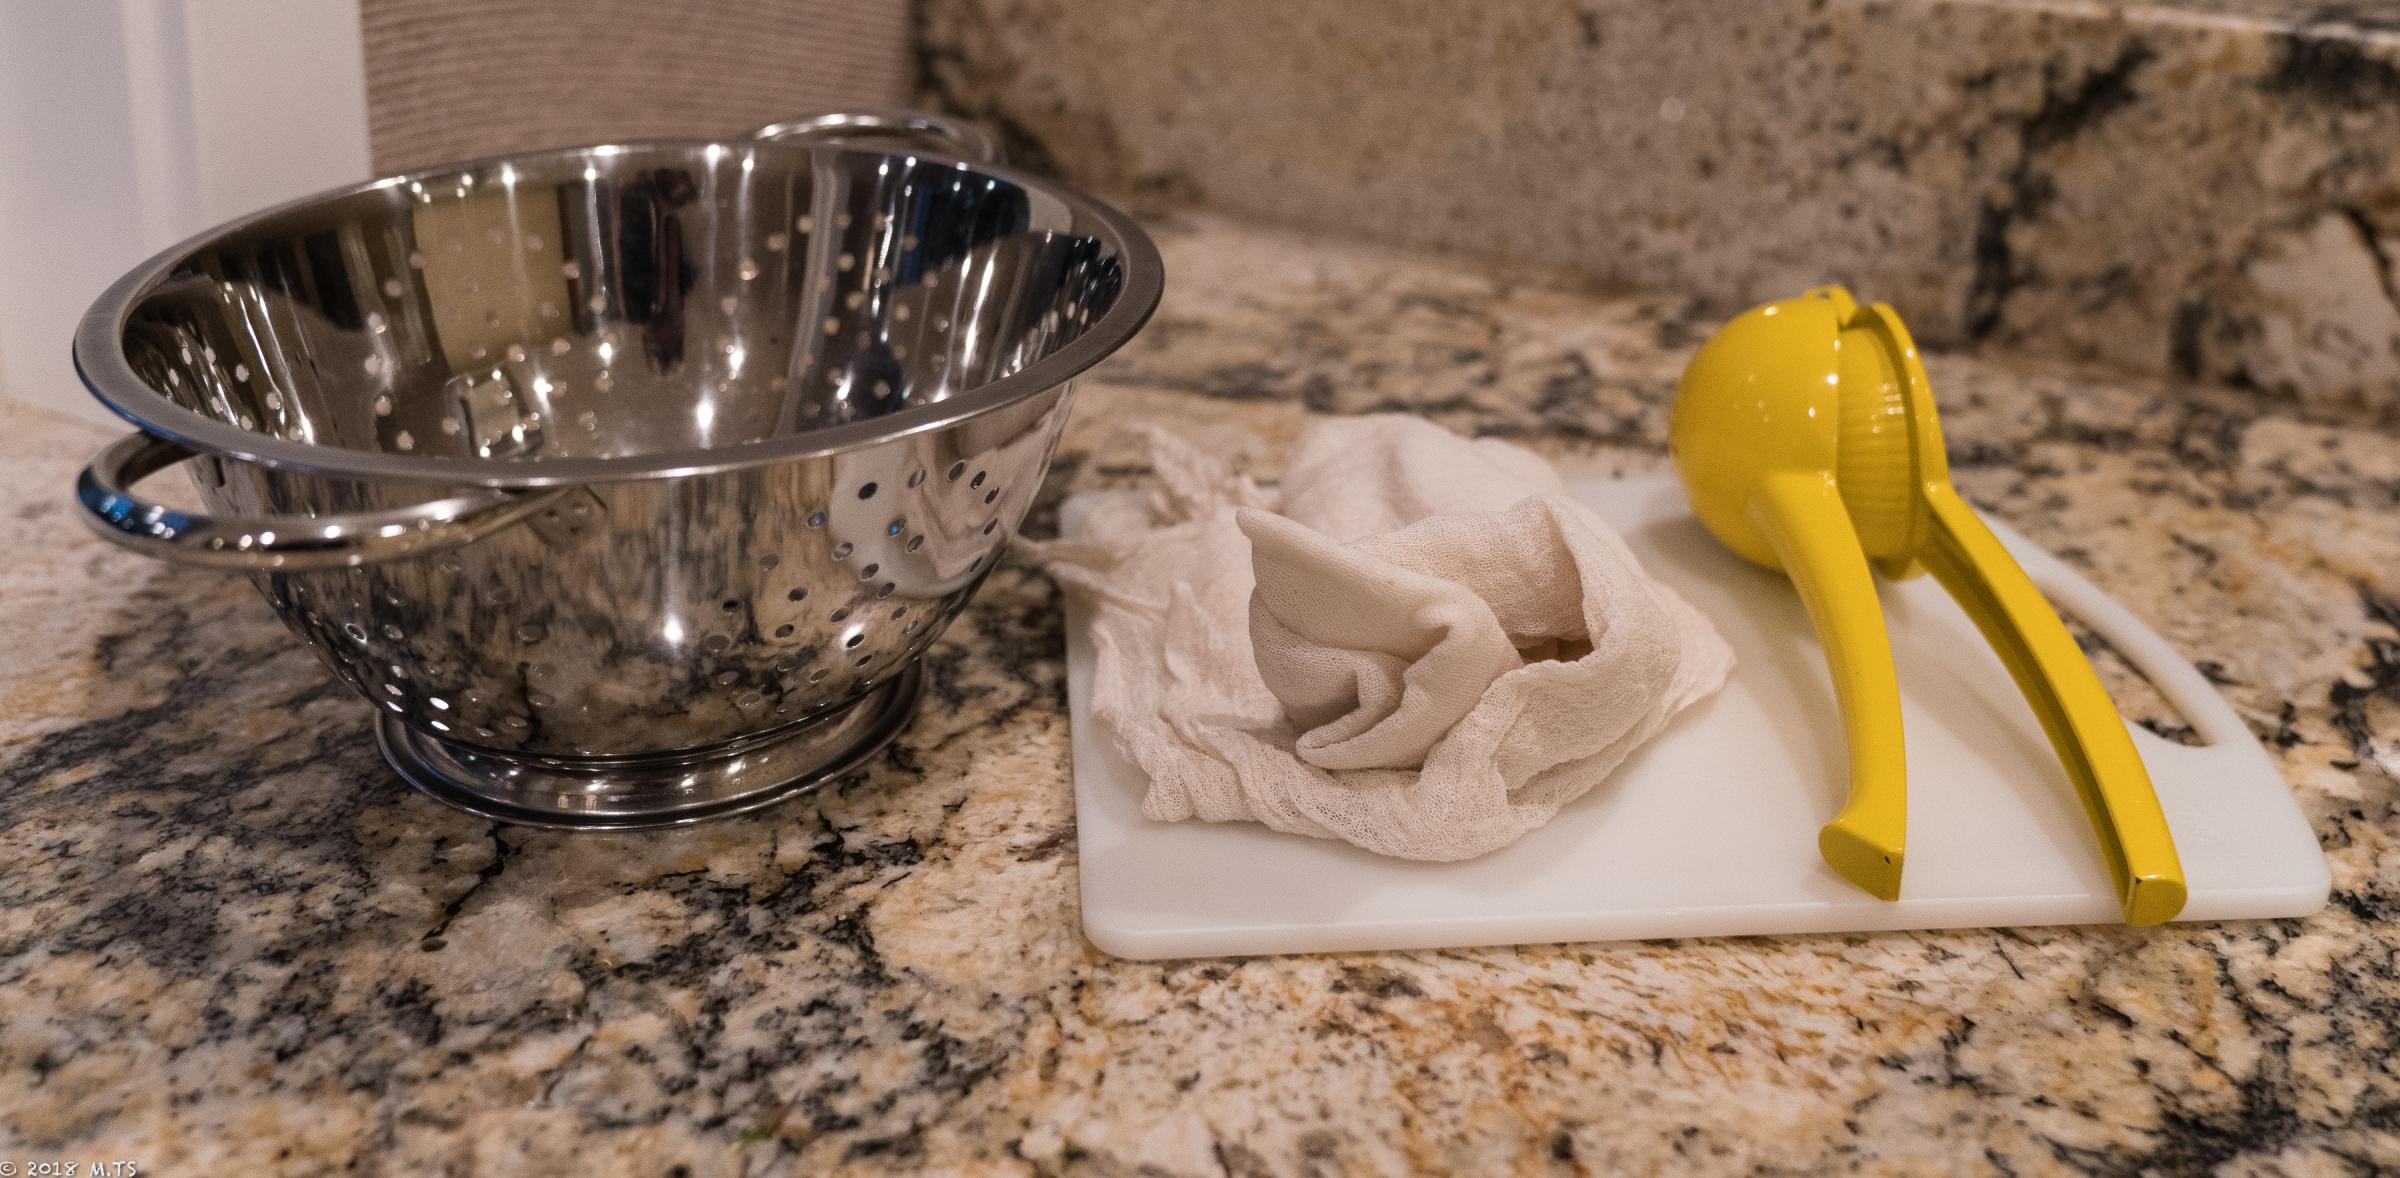 Making Paneer from Milk and Lemon Juice